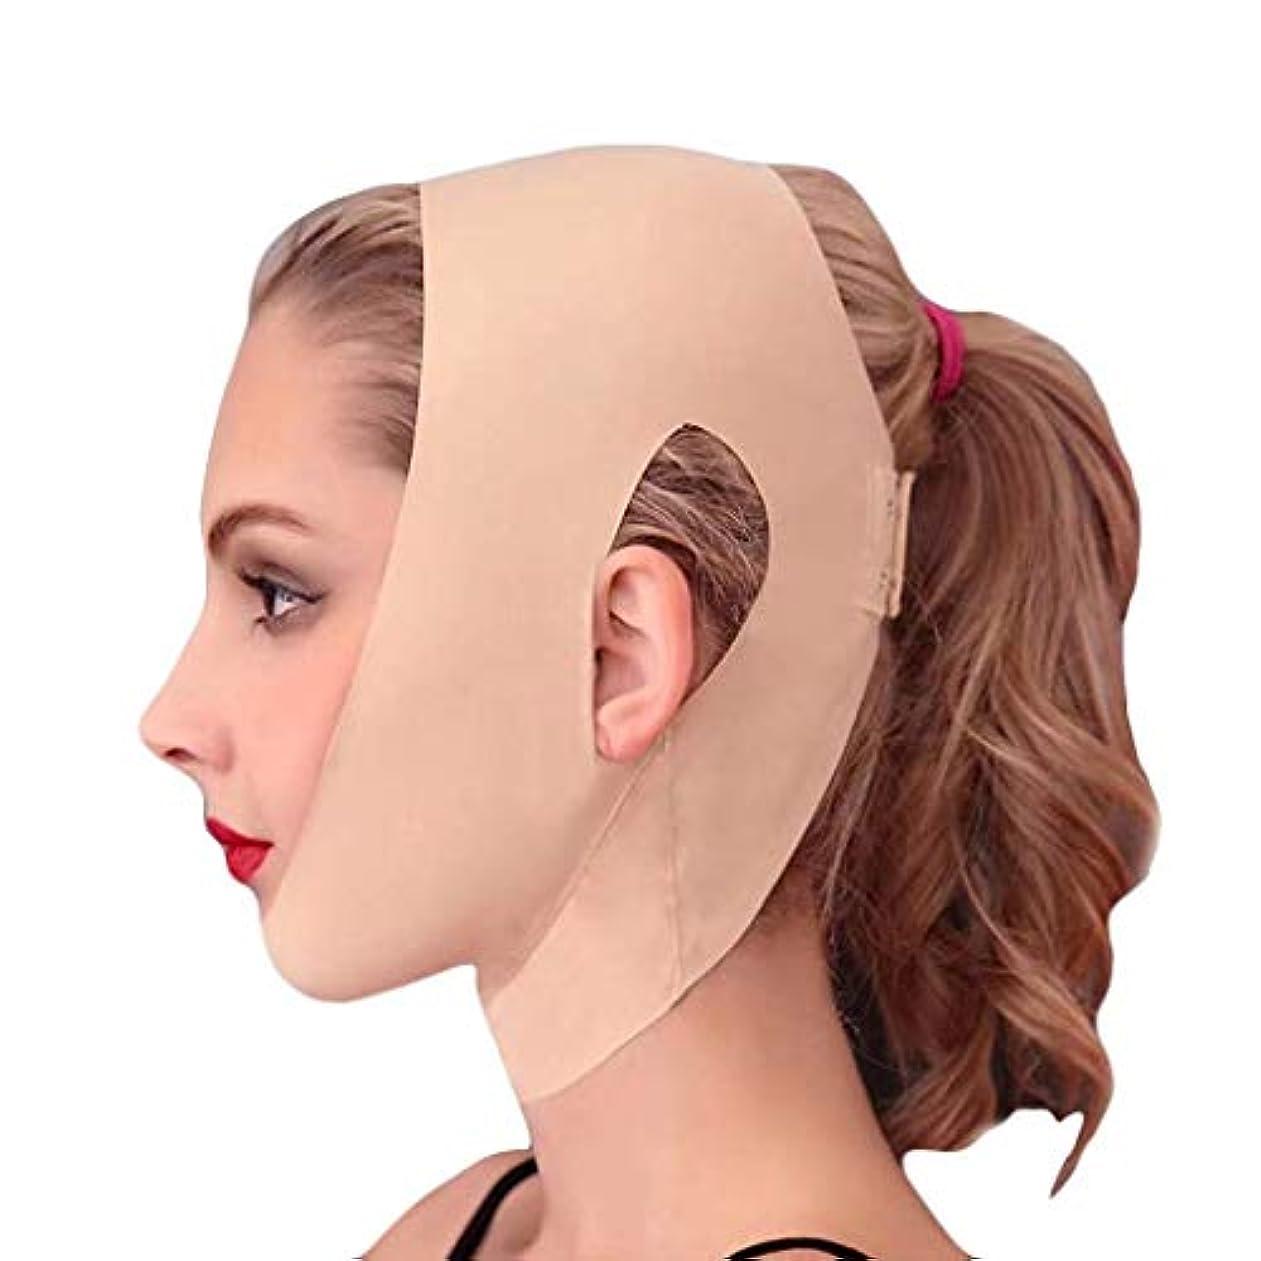 検体パッチ木持ち上がるしっかりした包帯のための顔の持ち上がる用具、表面持ち上がること、引き締まること、顔の減量ベルト